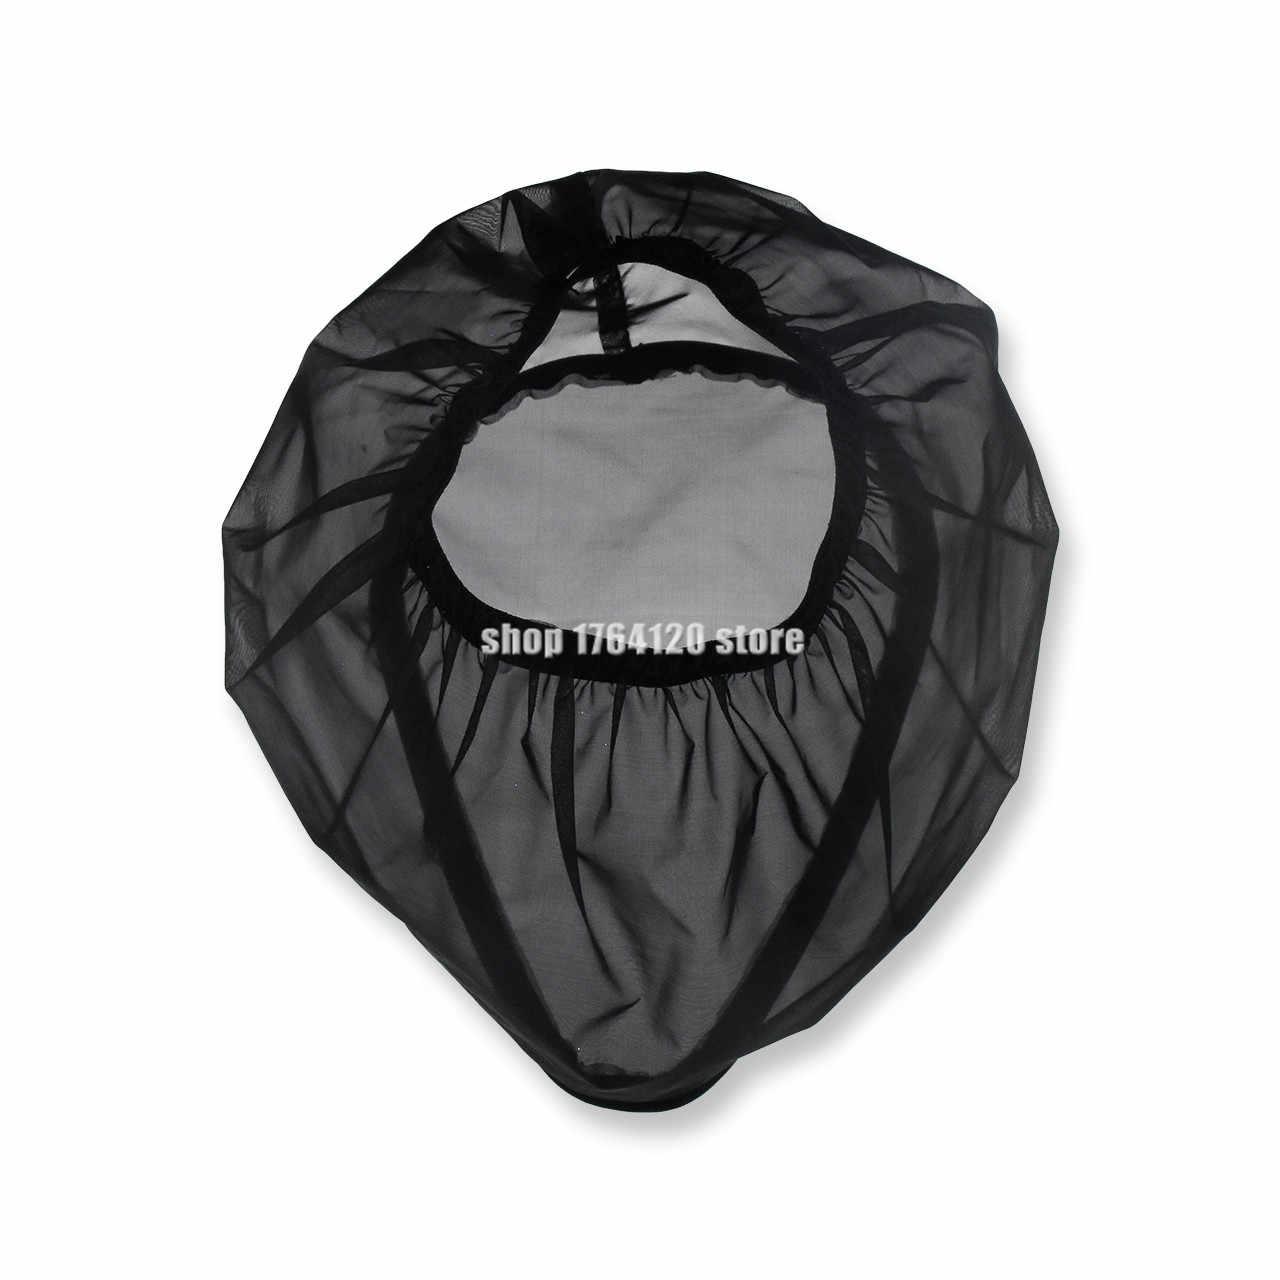 جوارب مطر مقاومة للمياه باللون الأسود مناسبة لهارلي سبورتستر XL 883 1200 للتجول في الشوارع والطريق الانزلاقي لمجموعات تنظيف فلتر الهواء